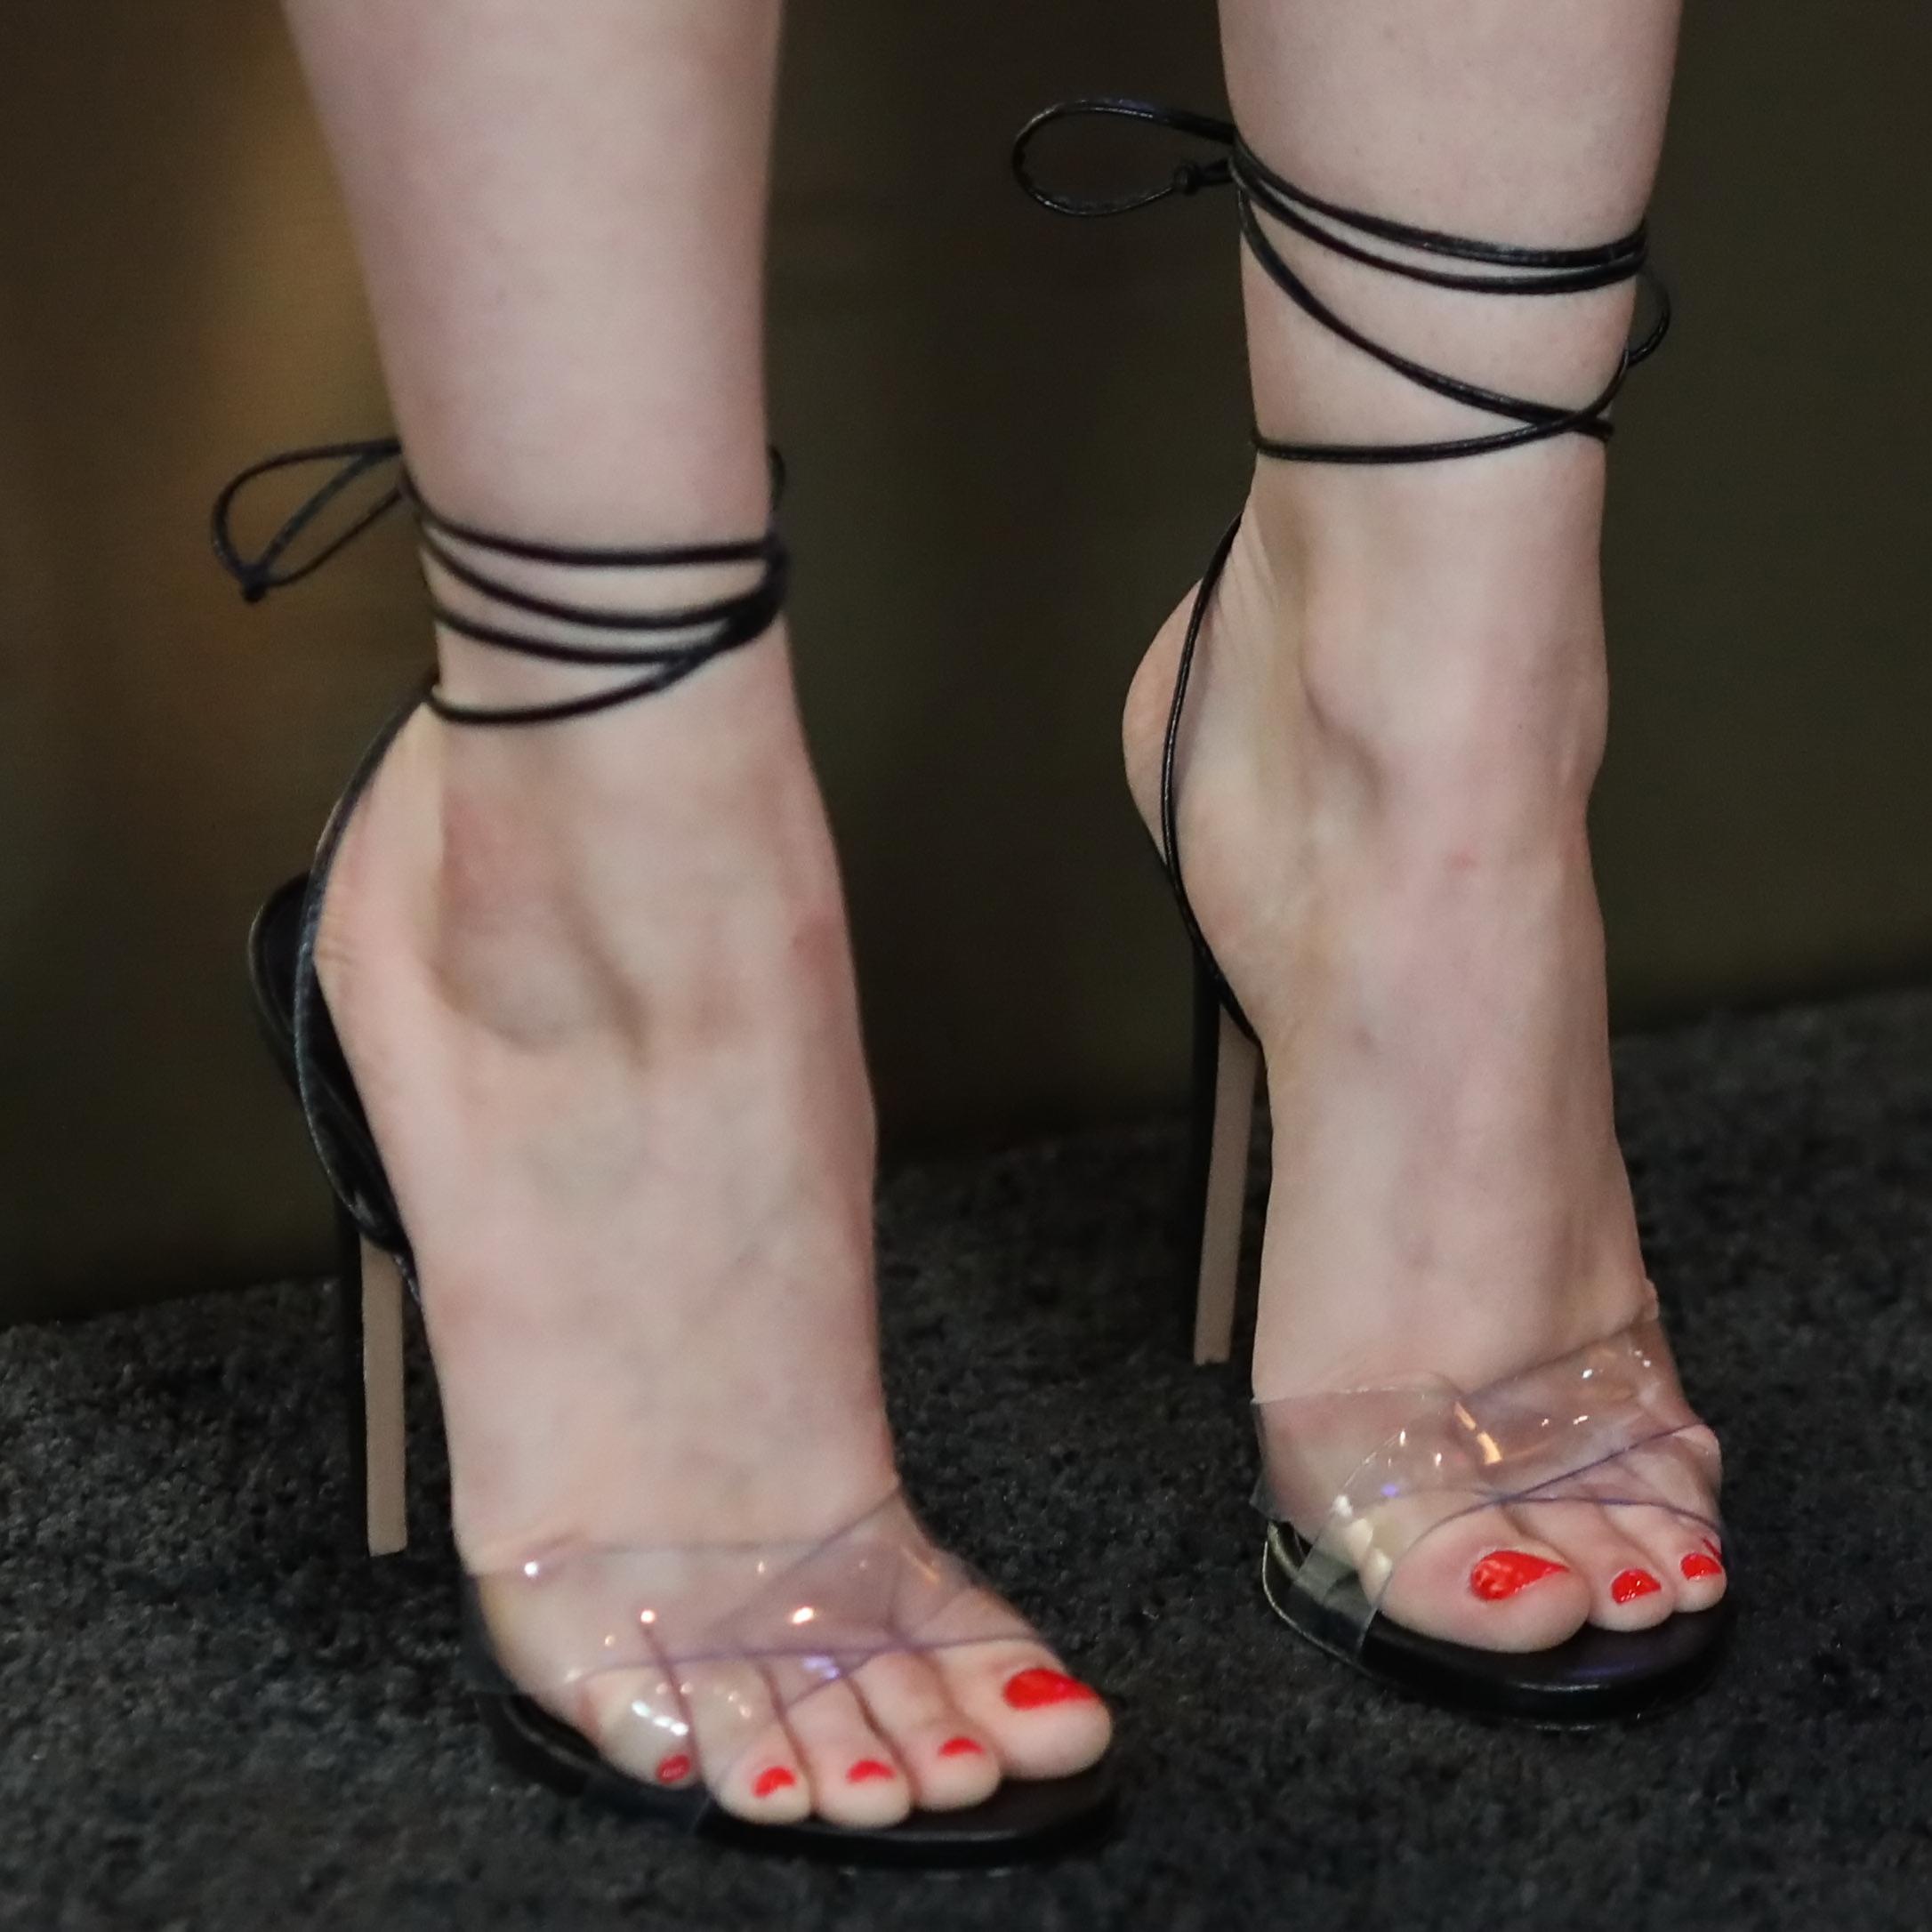 46ddddb6dc6 Ariel Winter s Feet    wikiFeet